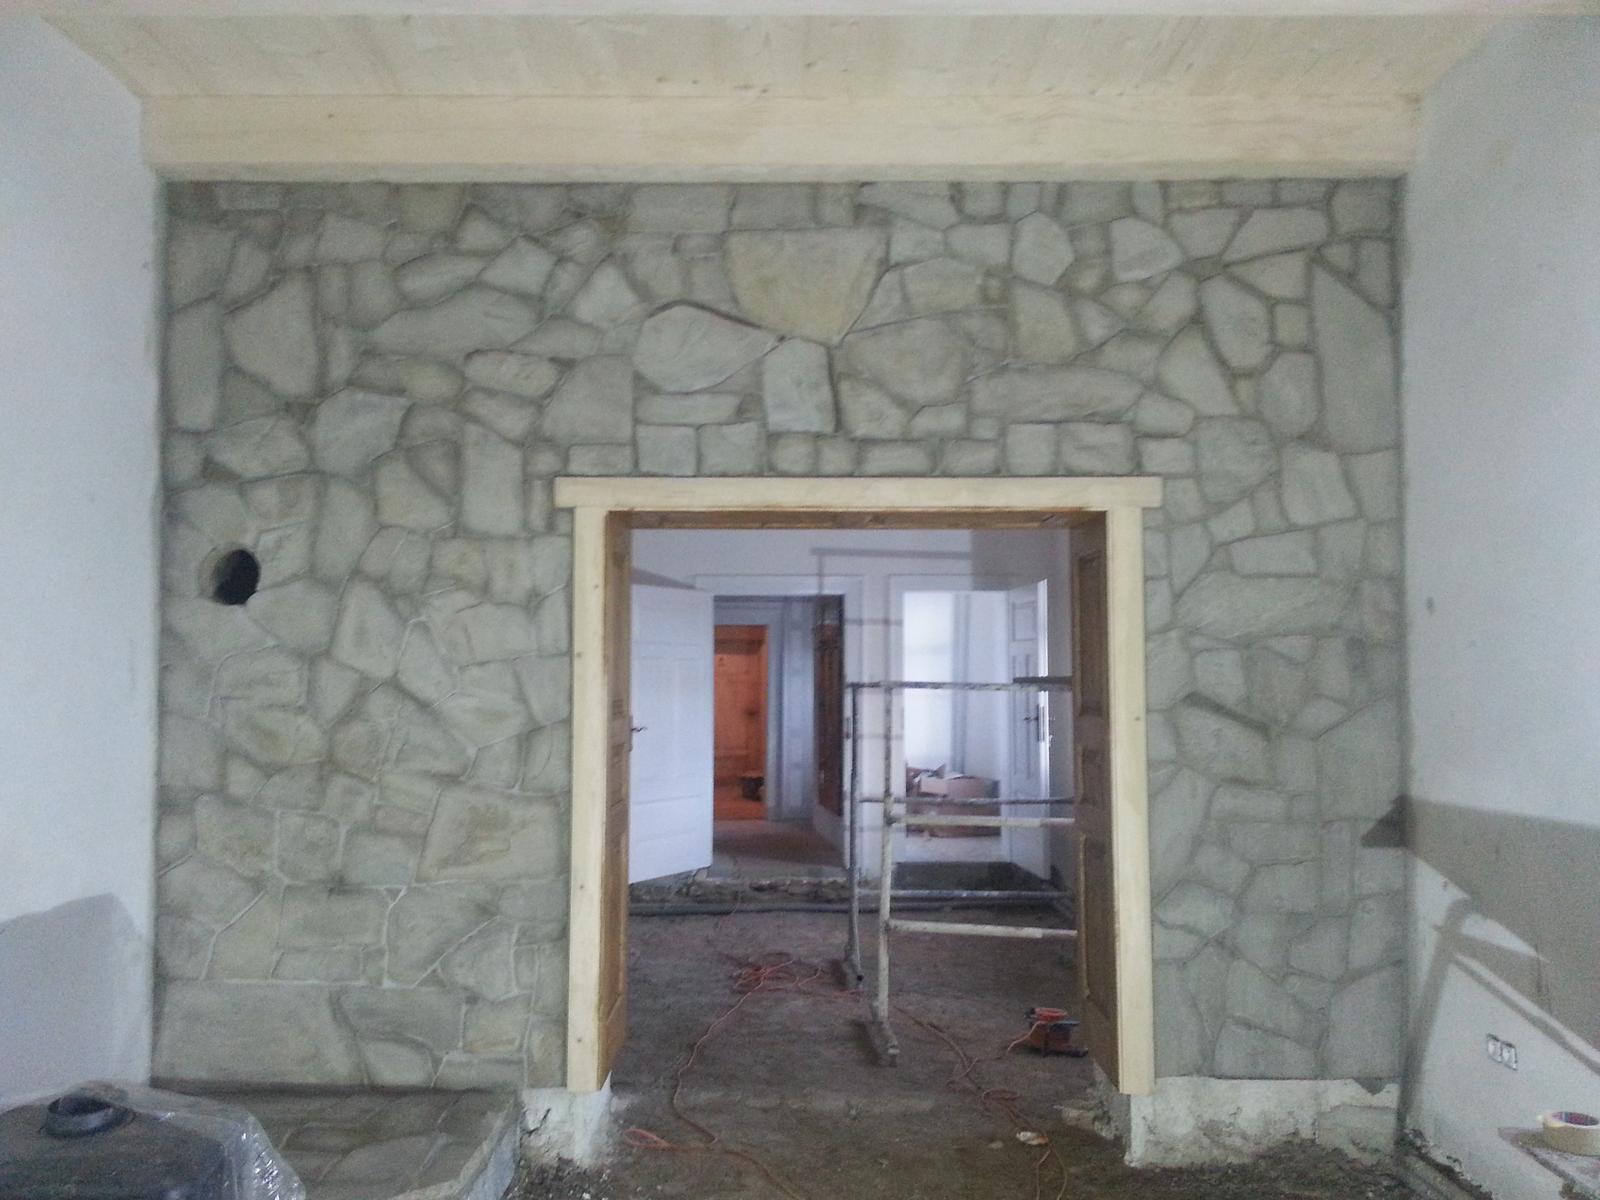 Rekonstrukcia  domu z 18- teho storocia - Obrázok č. 250